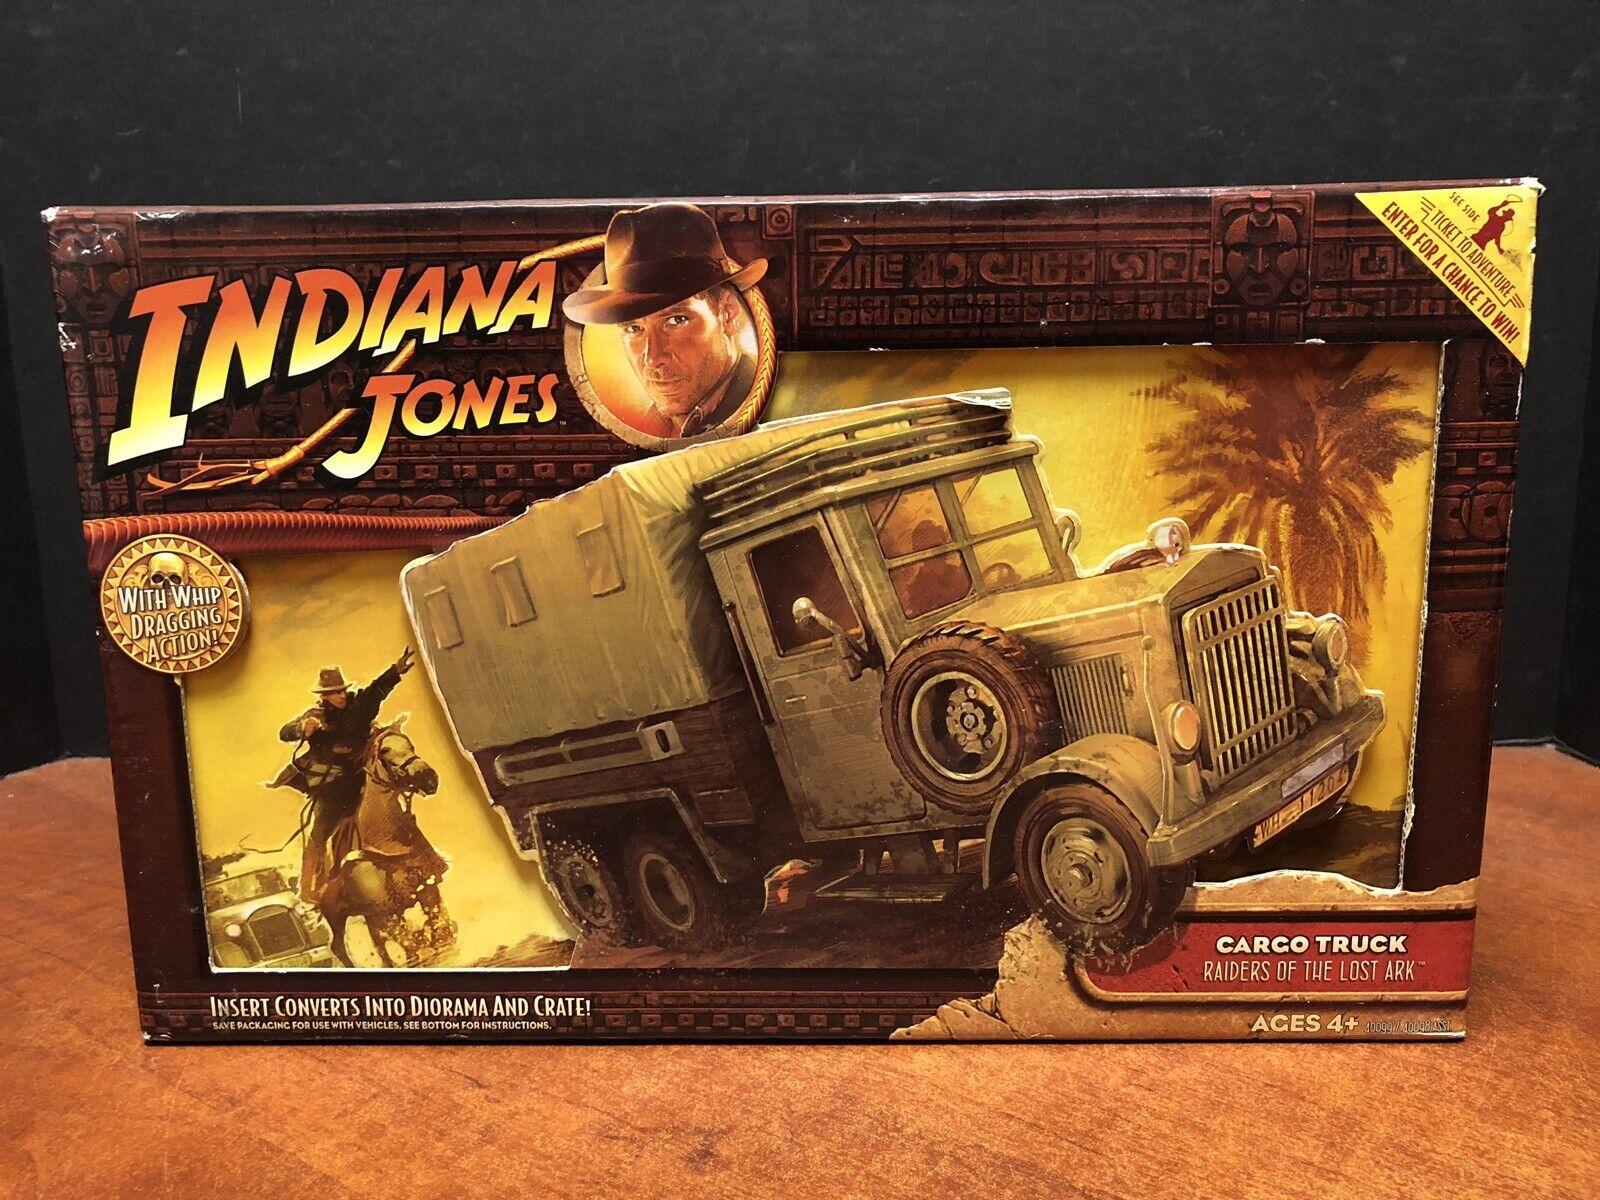 Indiana Jones Raiders of the Lost Ark camión de Cochega que 0916